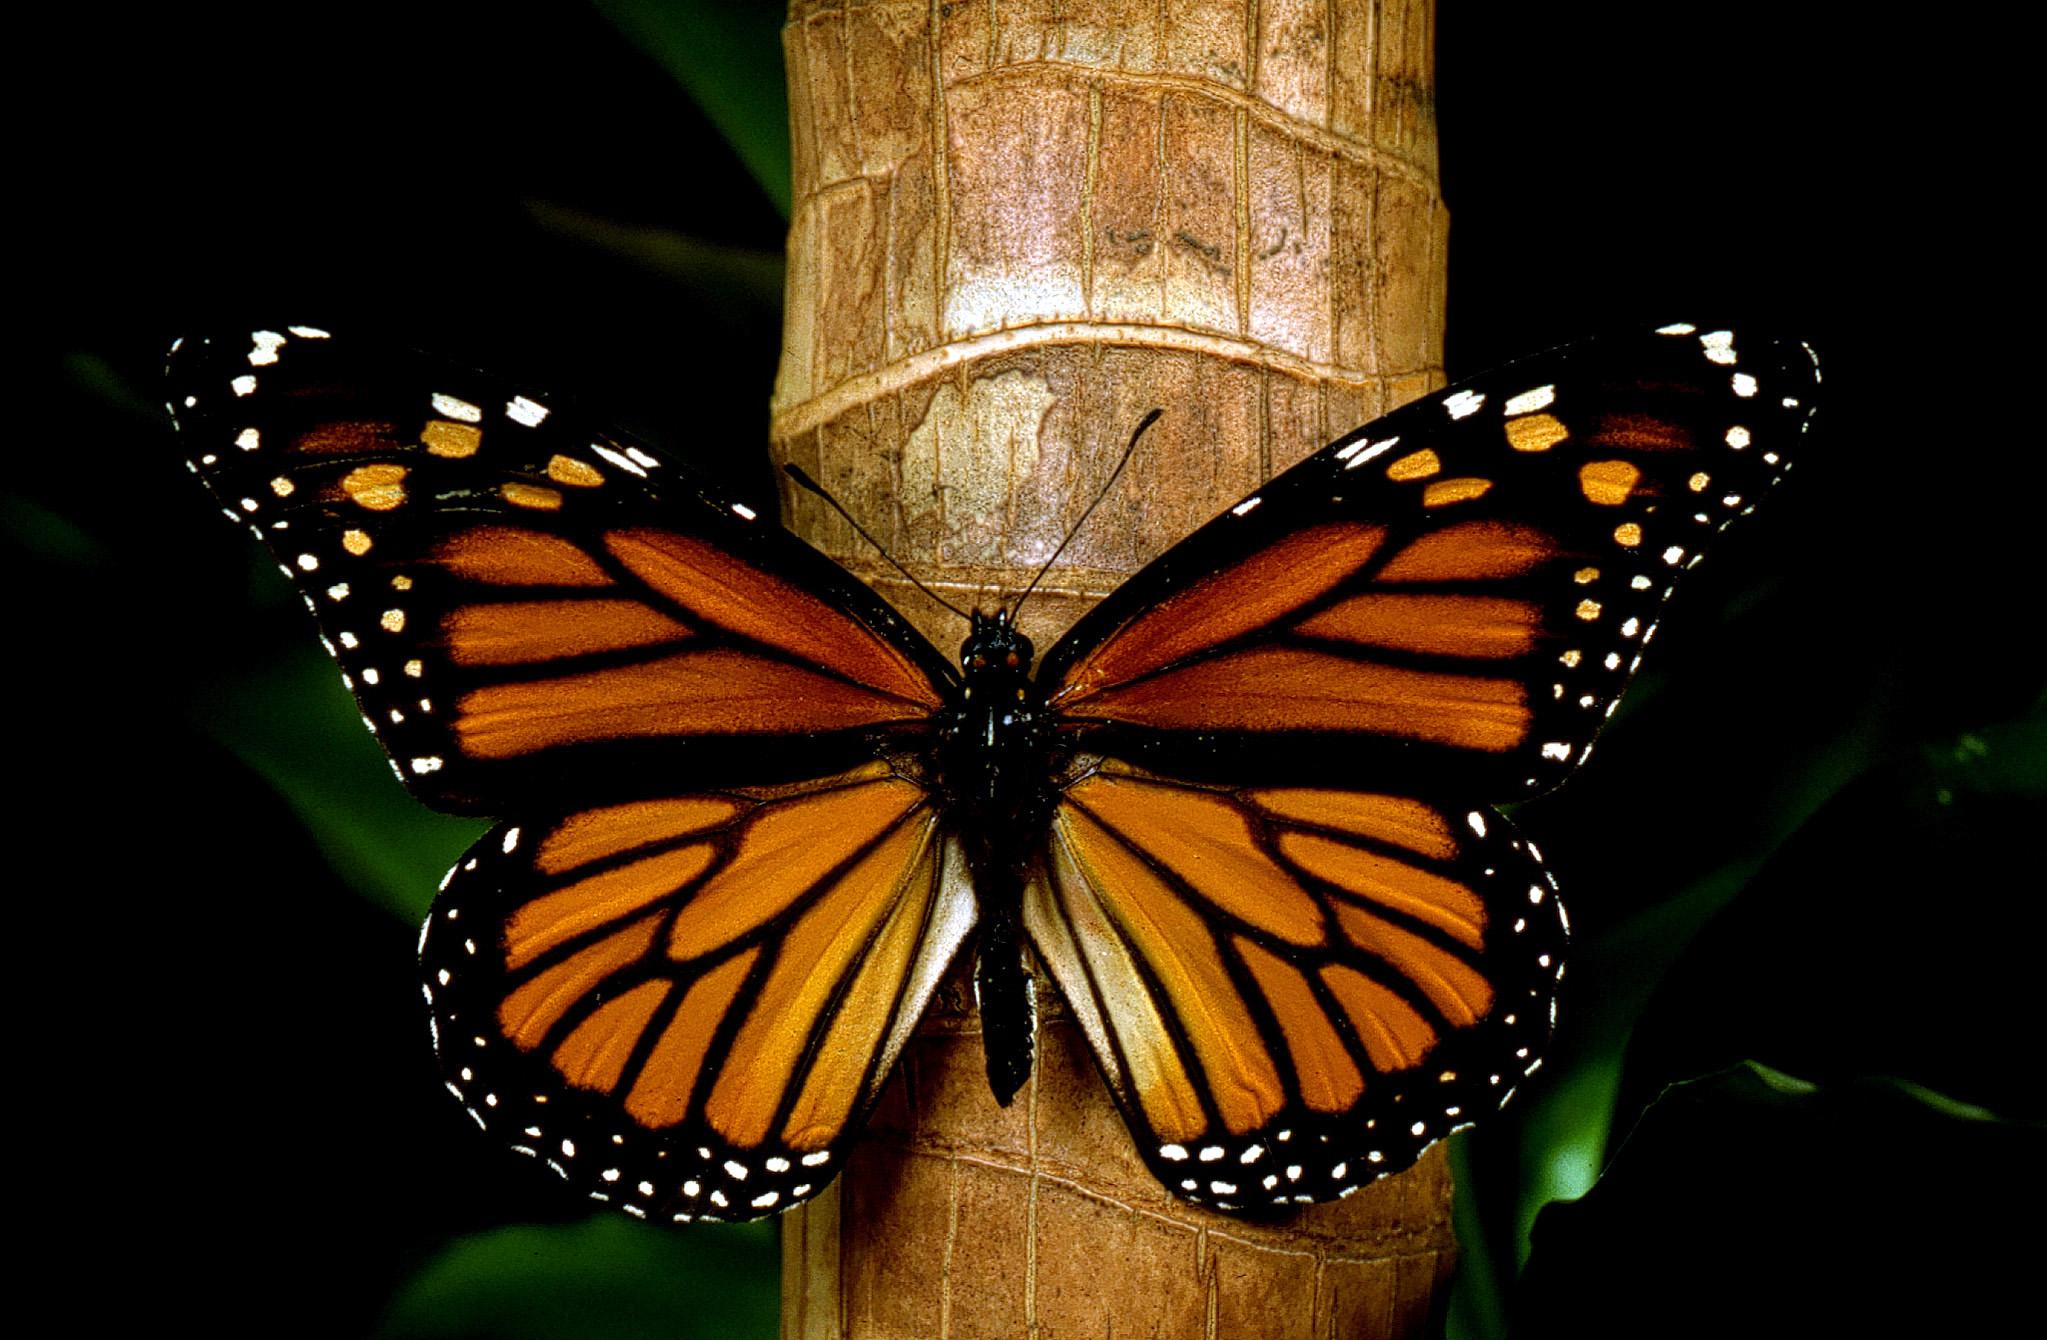 Los mejores santuarios para disfrutar de la mariposa - Mariposas en la pared ...